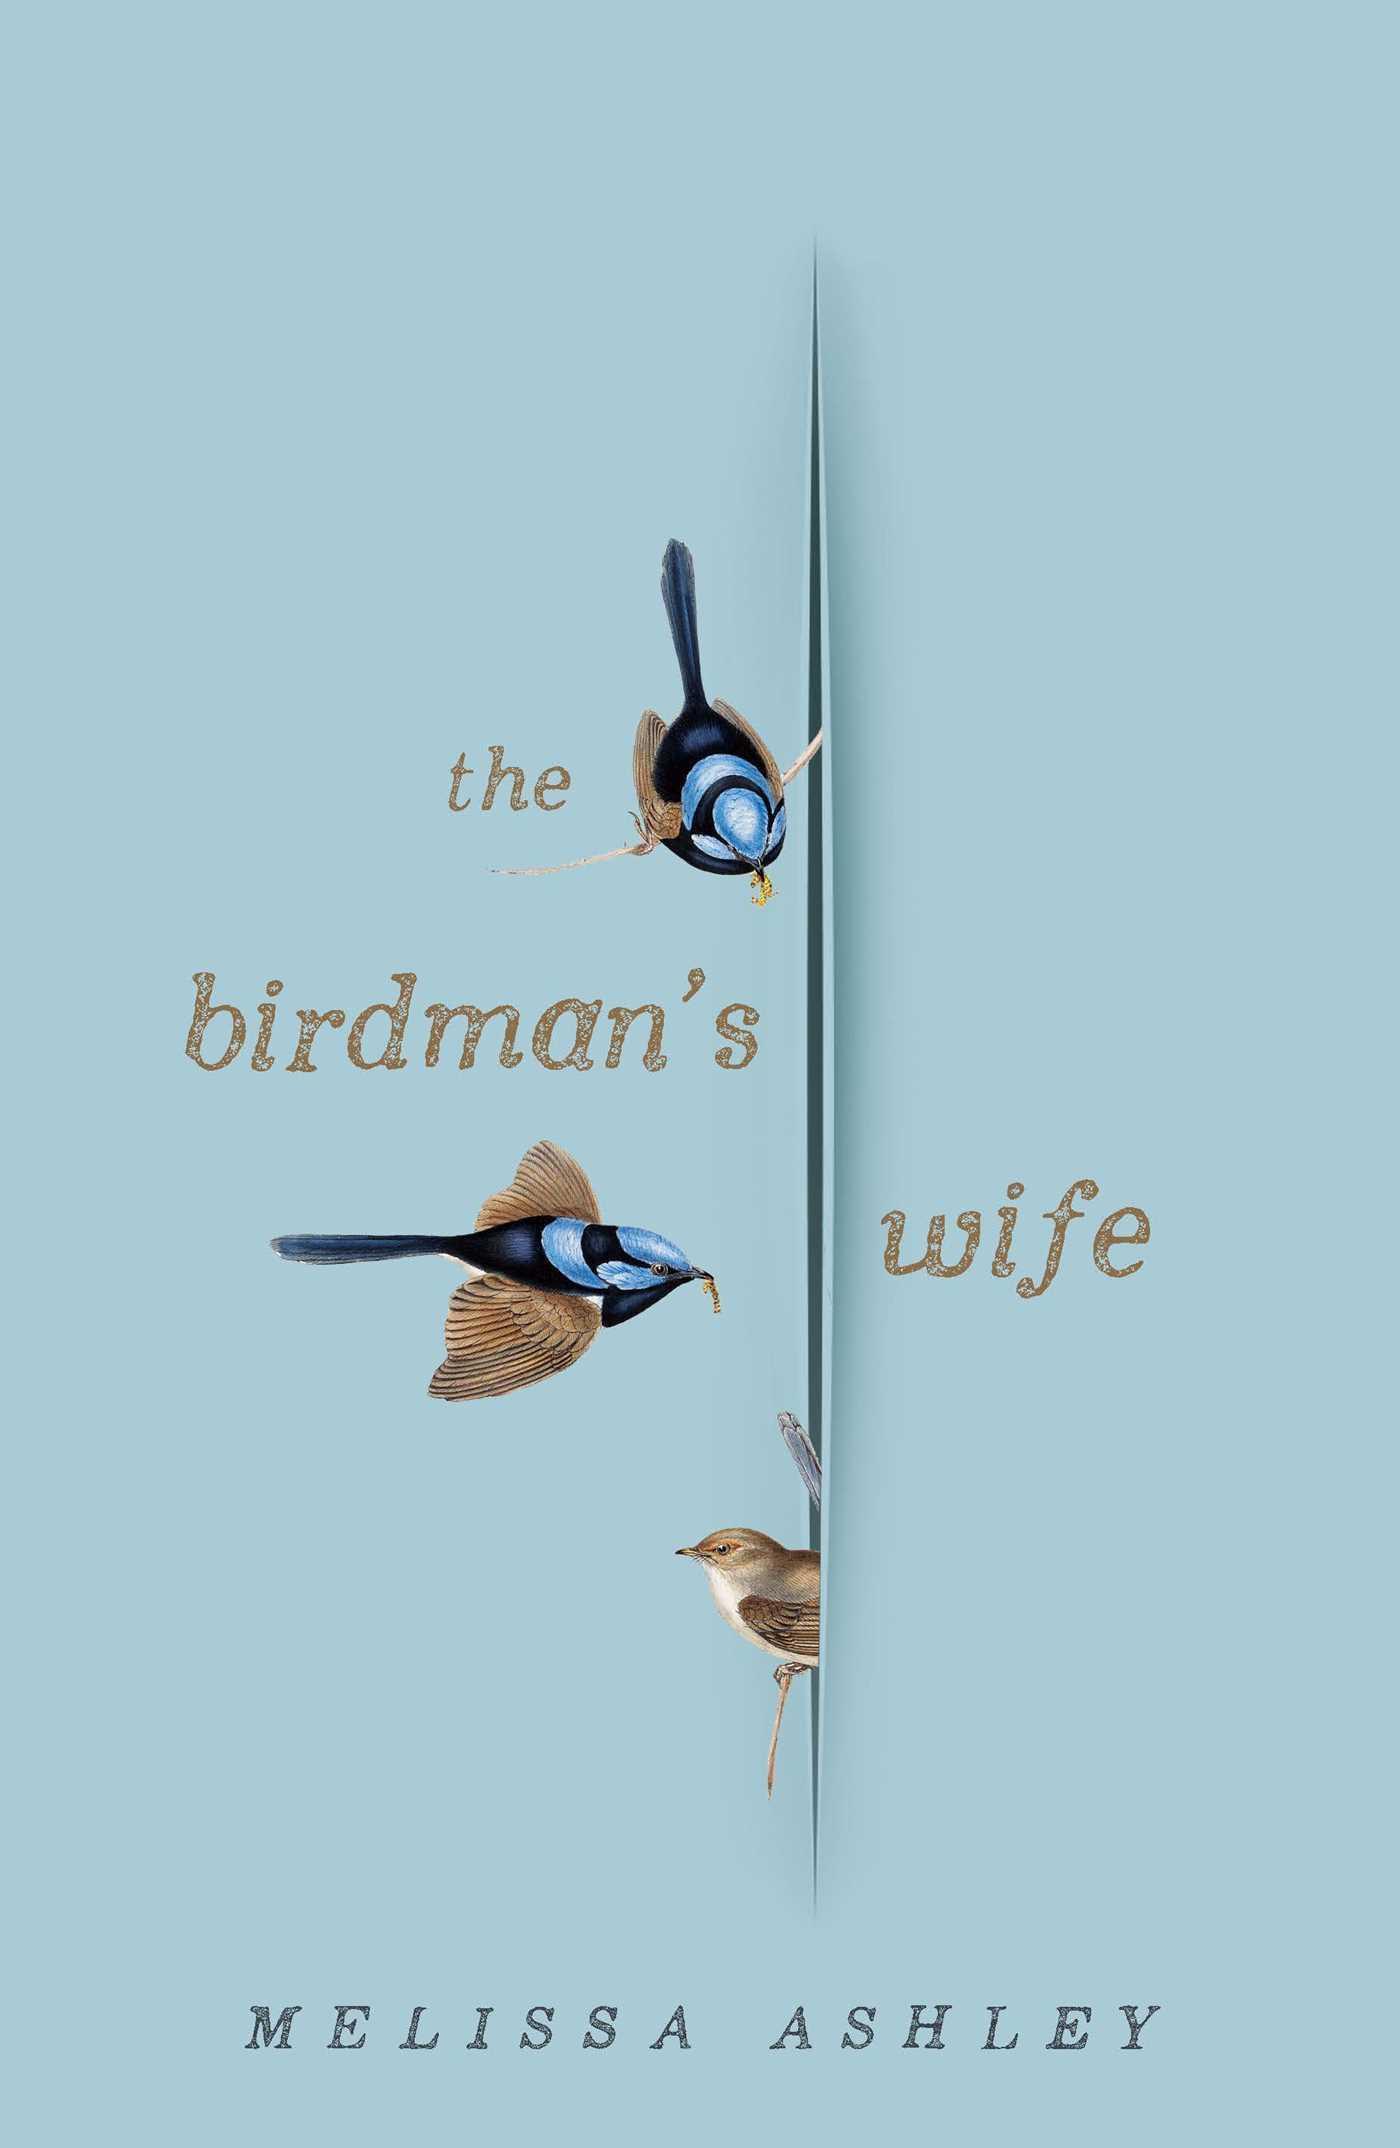 NOVEMBERTHE BIRDMAN'S WIFE - MELISSA ASHLEY